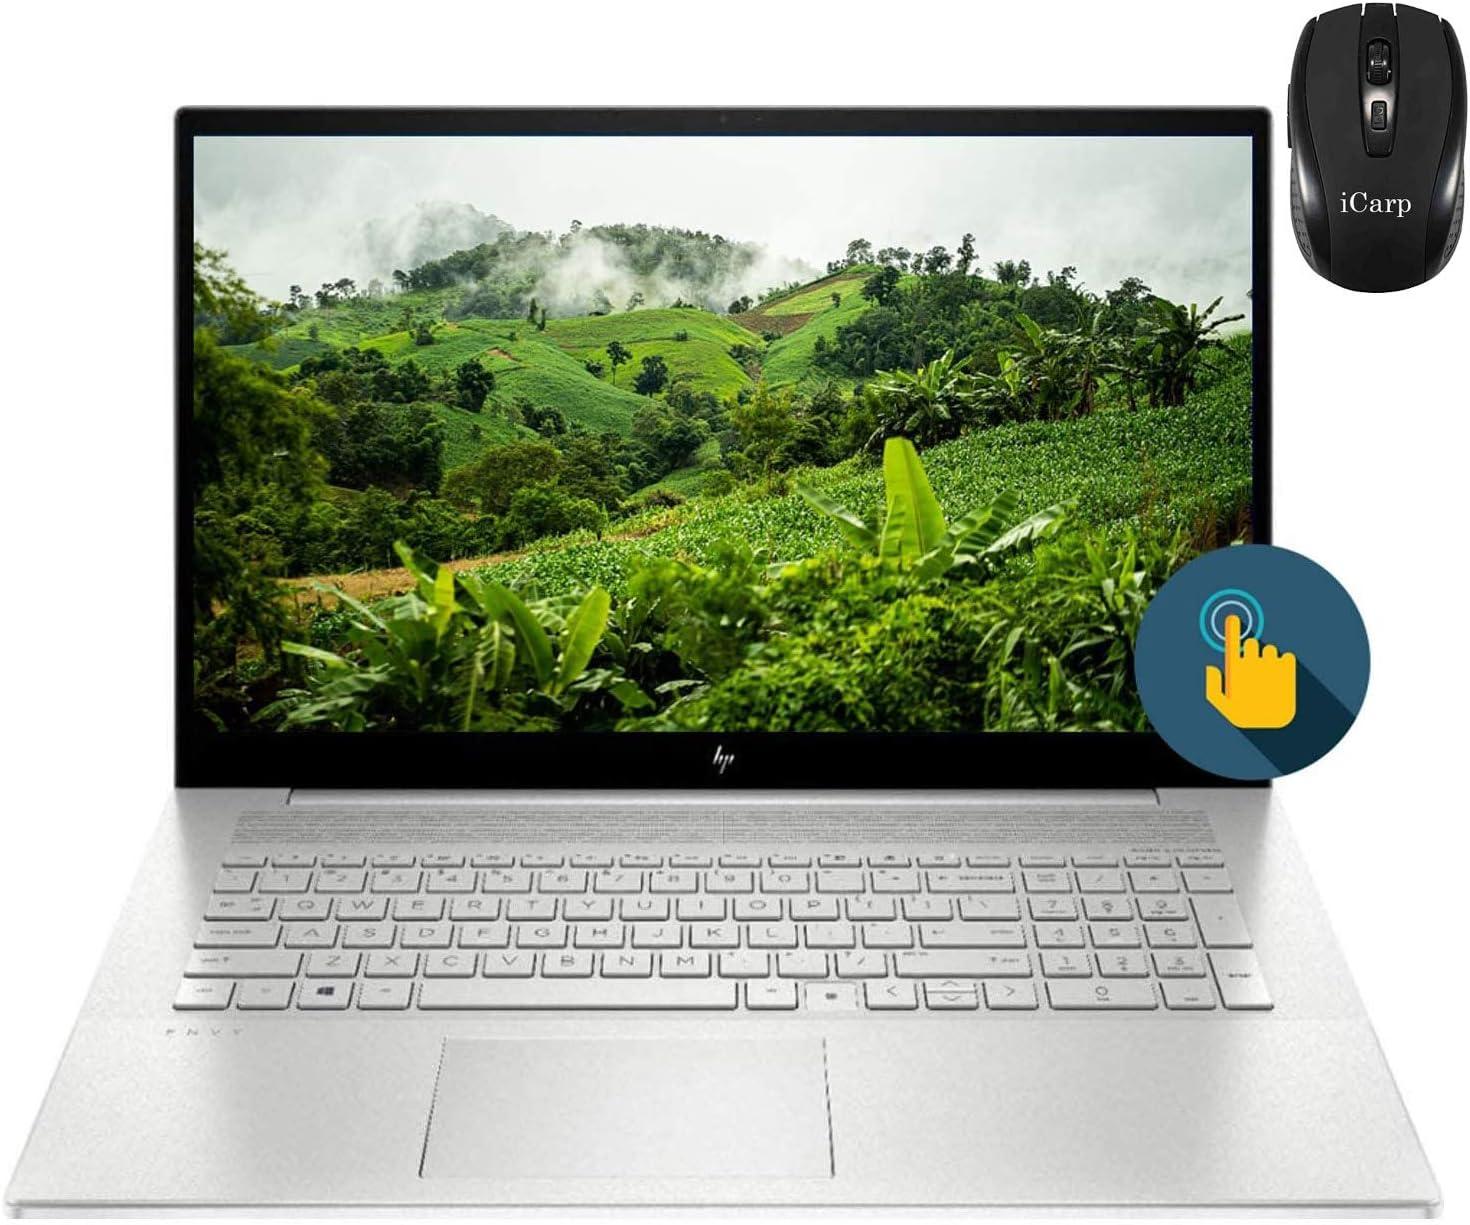 2020 Premium HP Envy 17 Business Laptop, 17.3